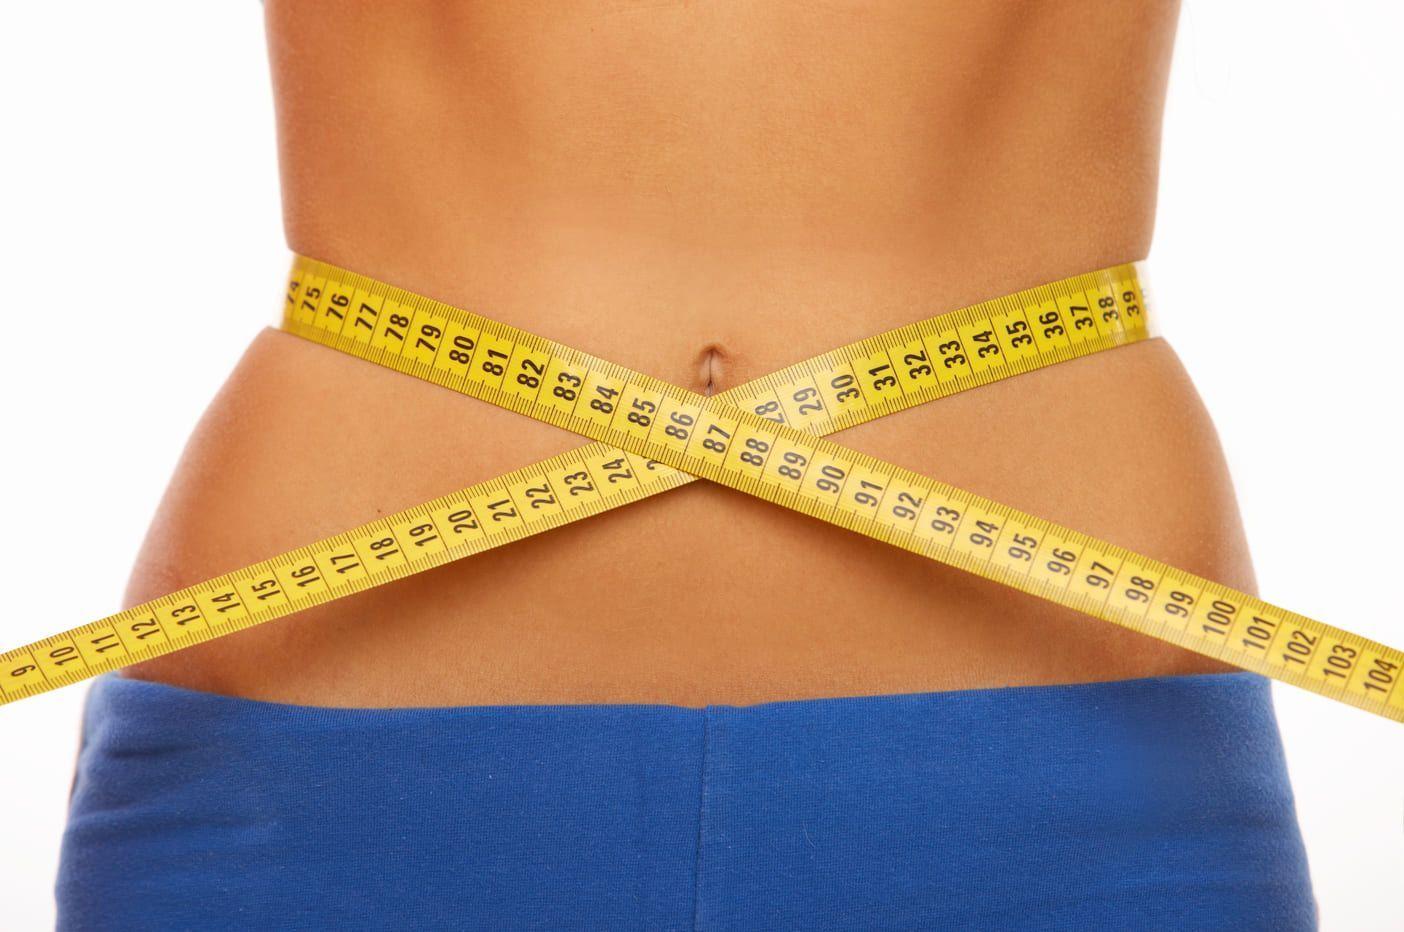 Dieta 10 Consejos Para Bajar De Peso De Manera Saludable